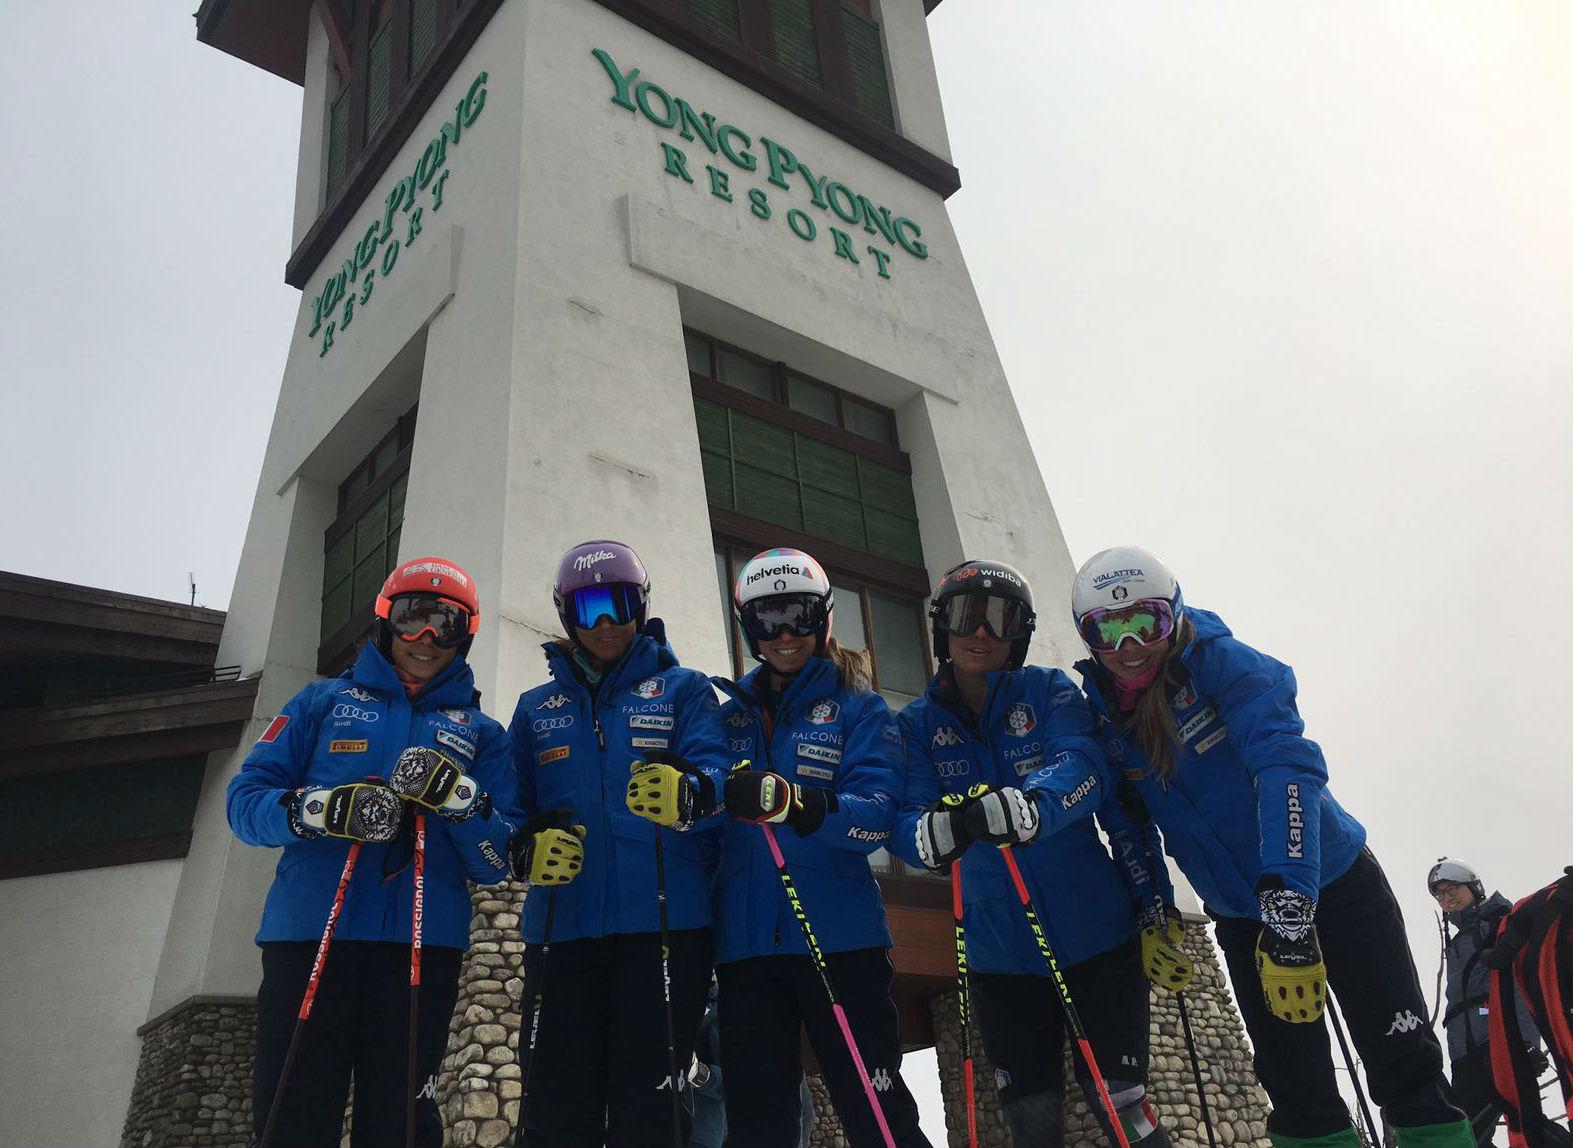 Da sinistra: Brignone, Curtoni, Bassino, Goggia e Marsaglia provano la pista che ospiterà il gigante olimpico a PyeongChang 2018